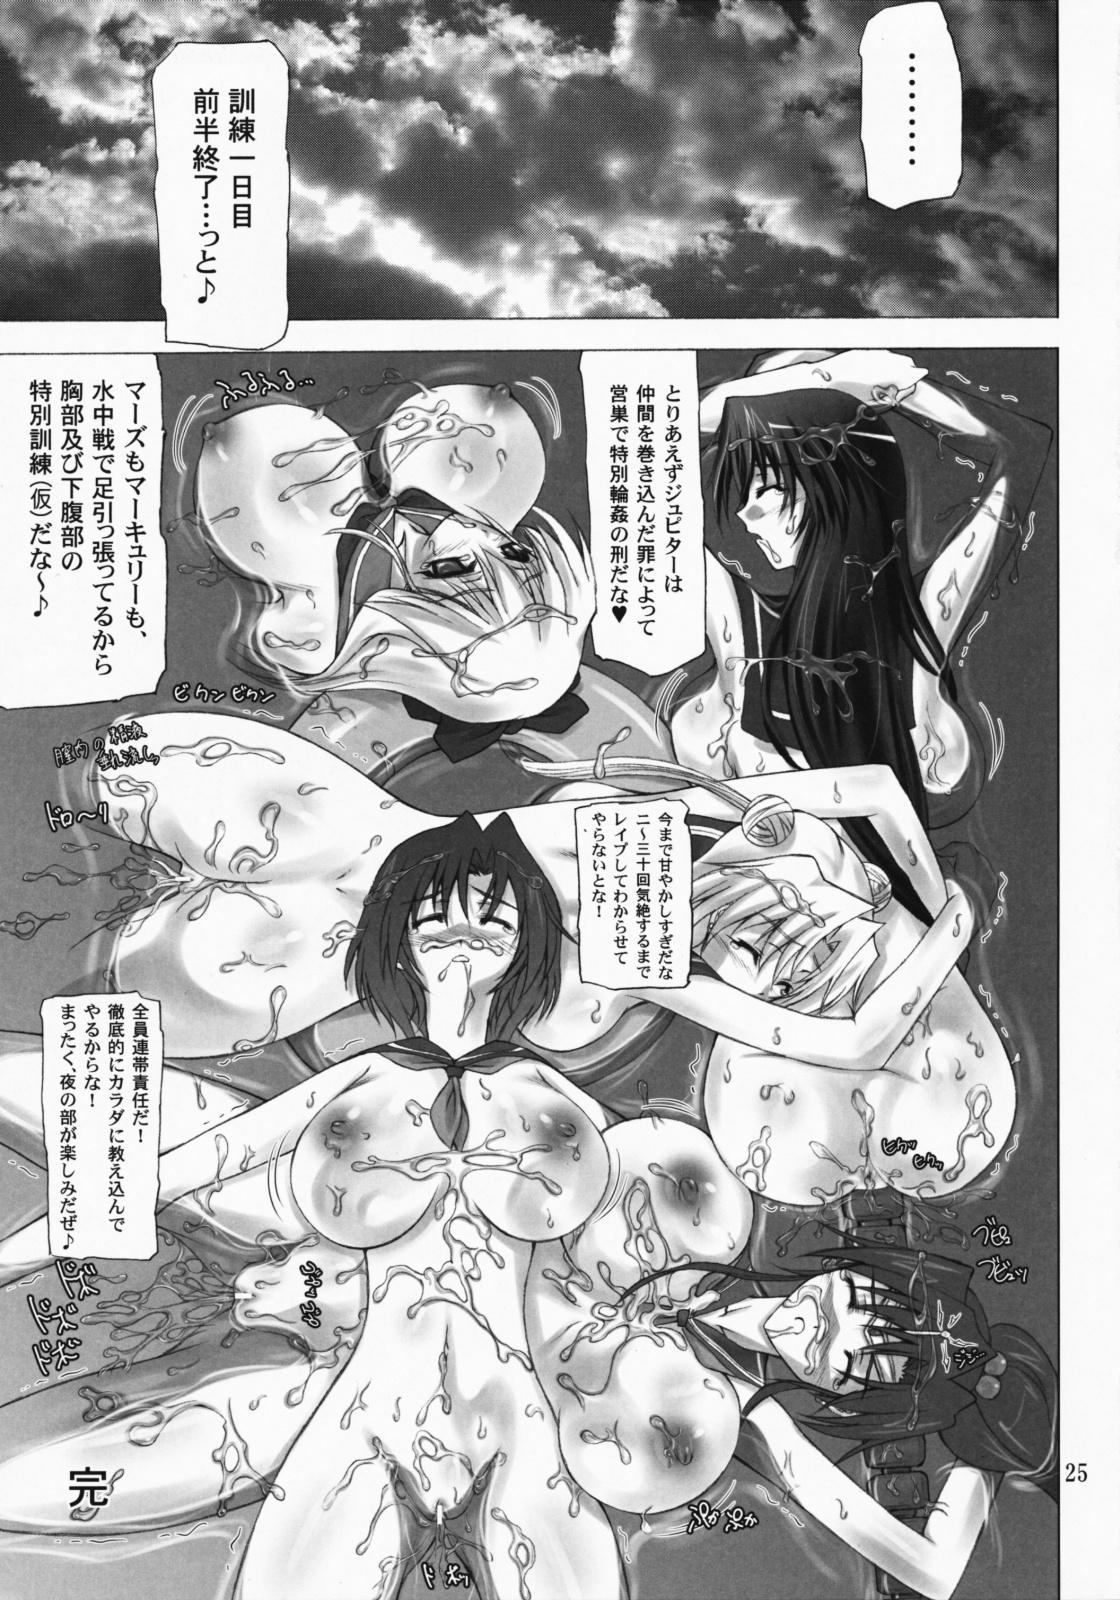 Sailor Mariners Kanzenban 23